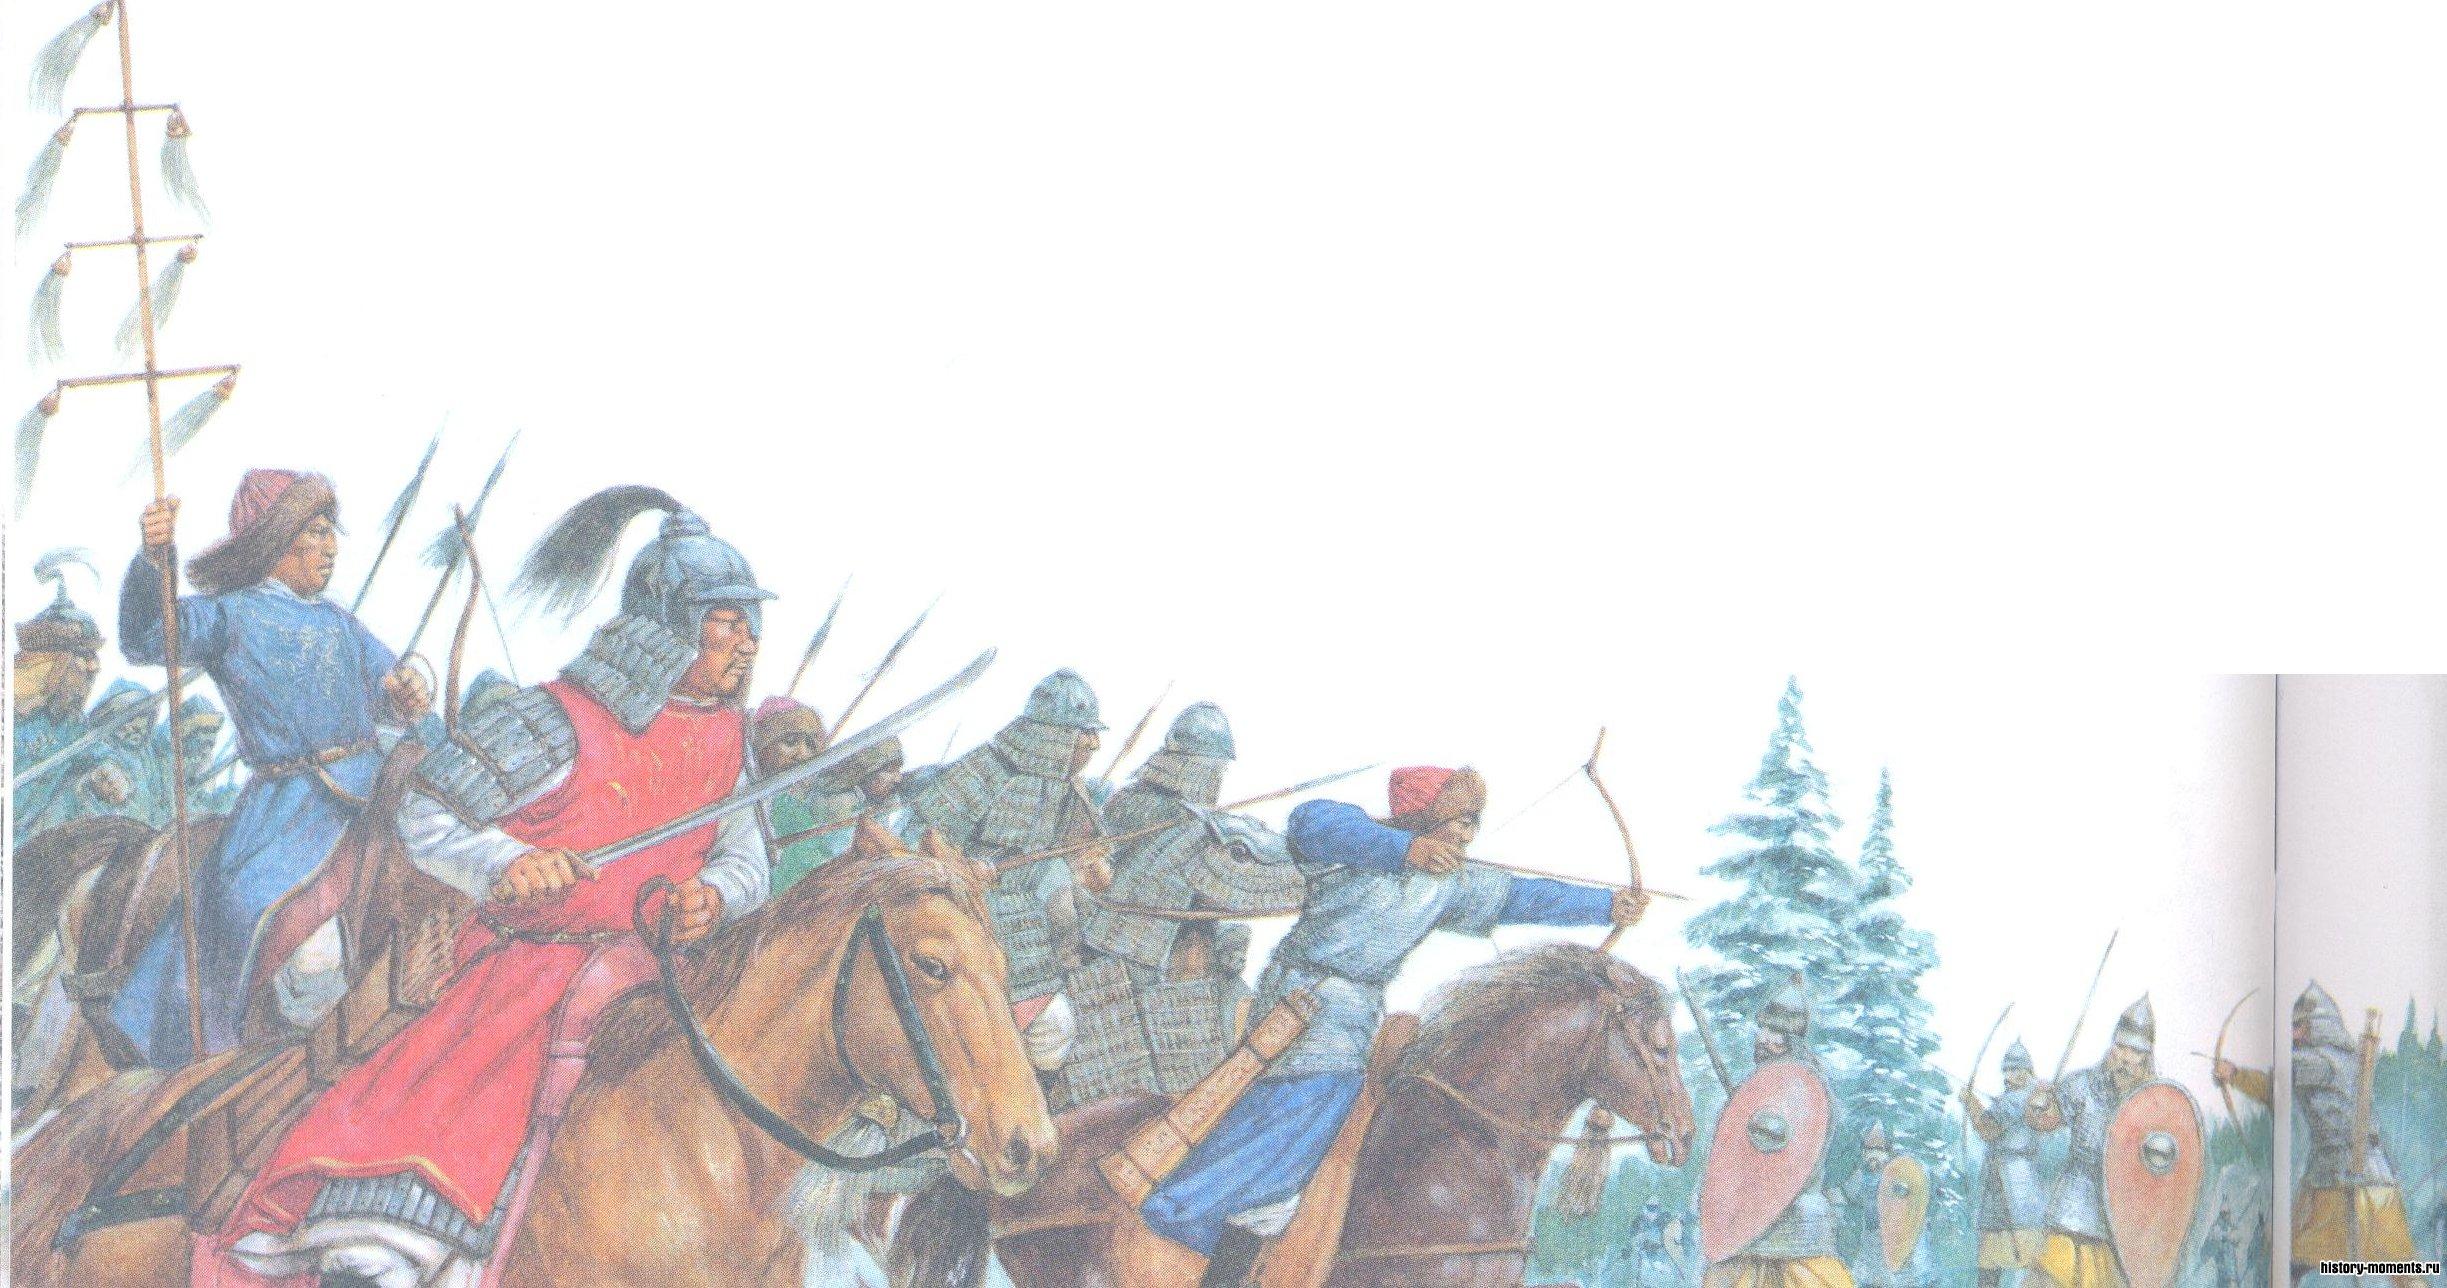 В 1236 г. монгольские всадники вторглись на Русь, сломив сопротивление русских войск и подчинив своей власти огромную территорию, простиравшуюся почти до Северной Европы.